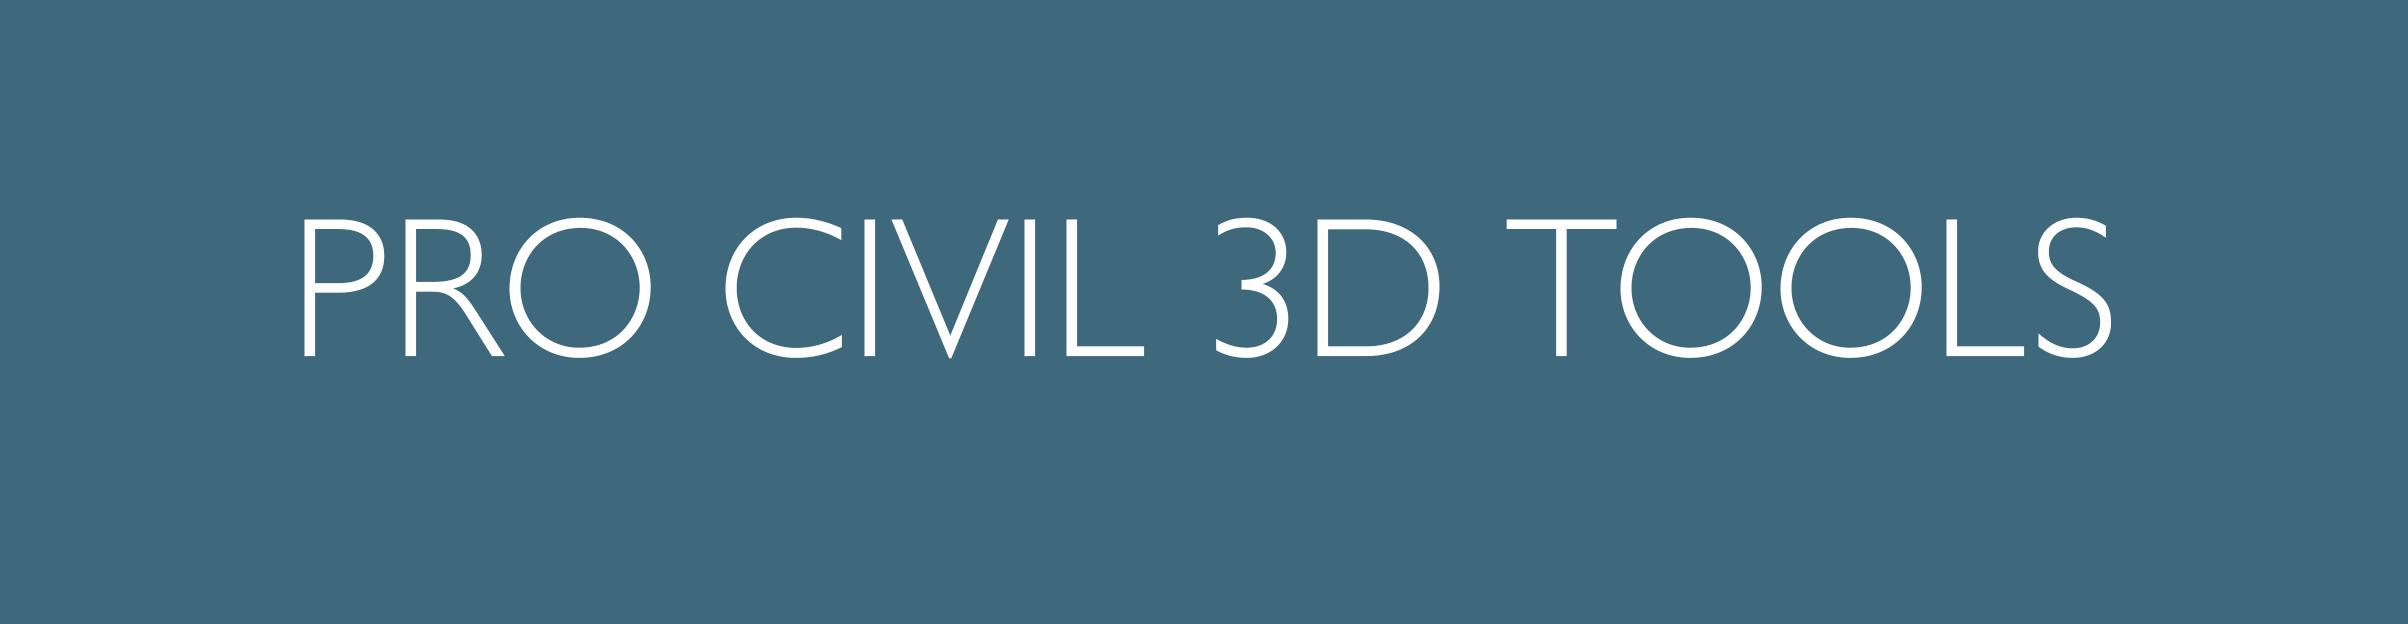 Pro Civil 3D Tools Button